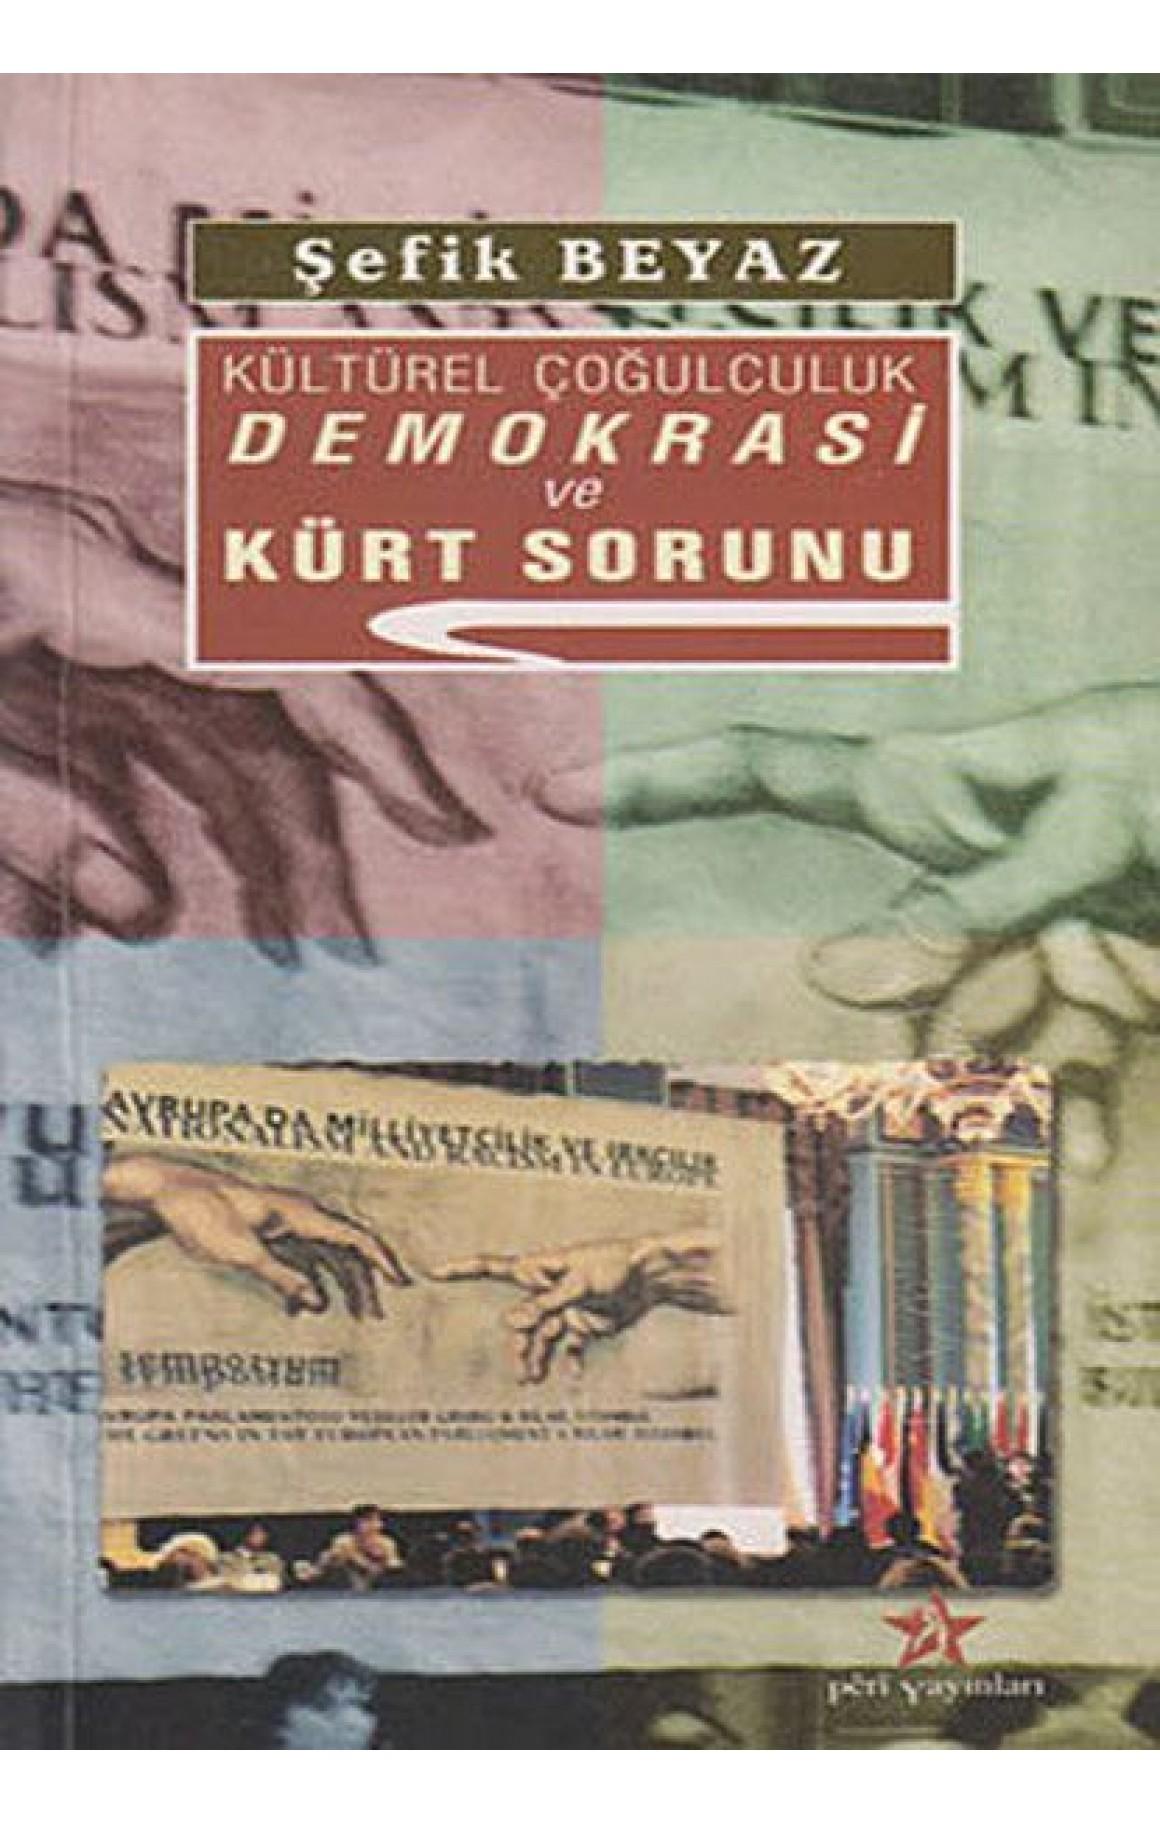 Kültürel Çoğulculuk Demokrasi ve Kürt Sorunu